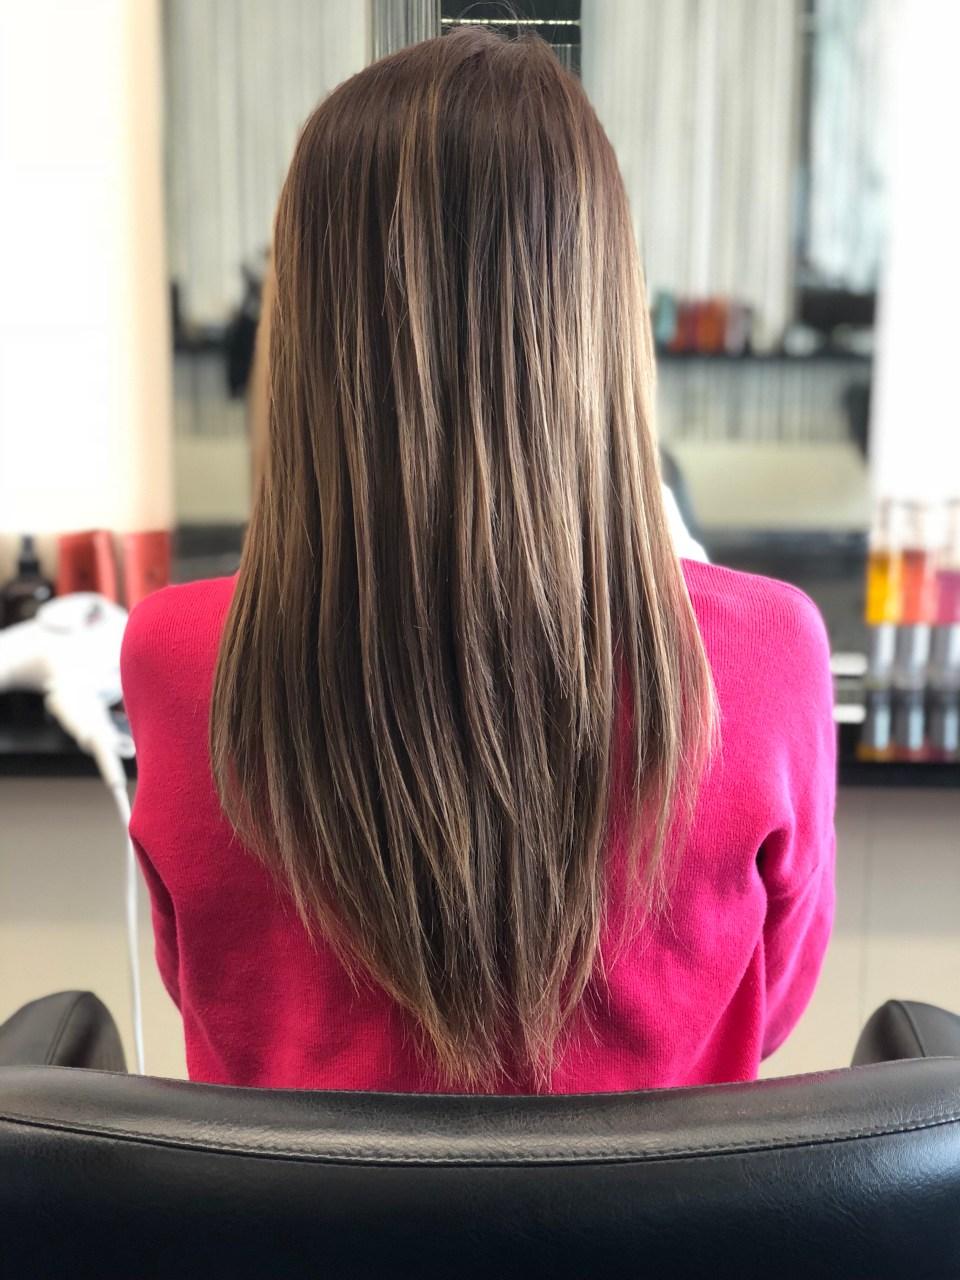 レプロナイザーを使用後の髪の毛